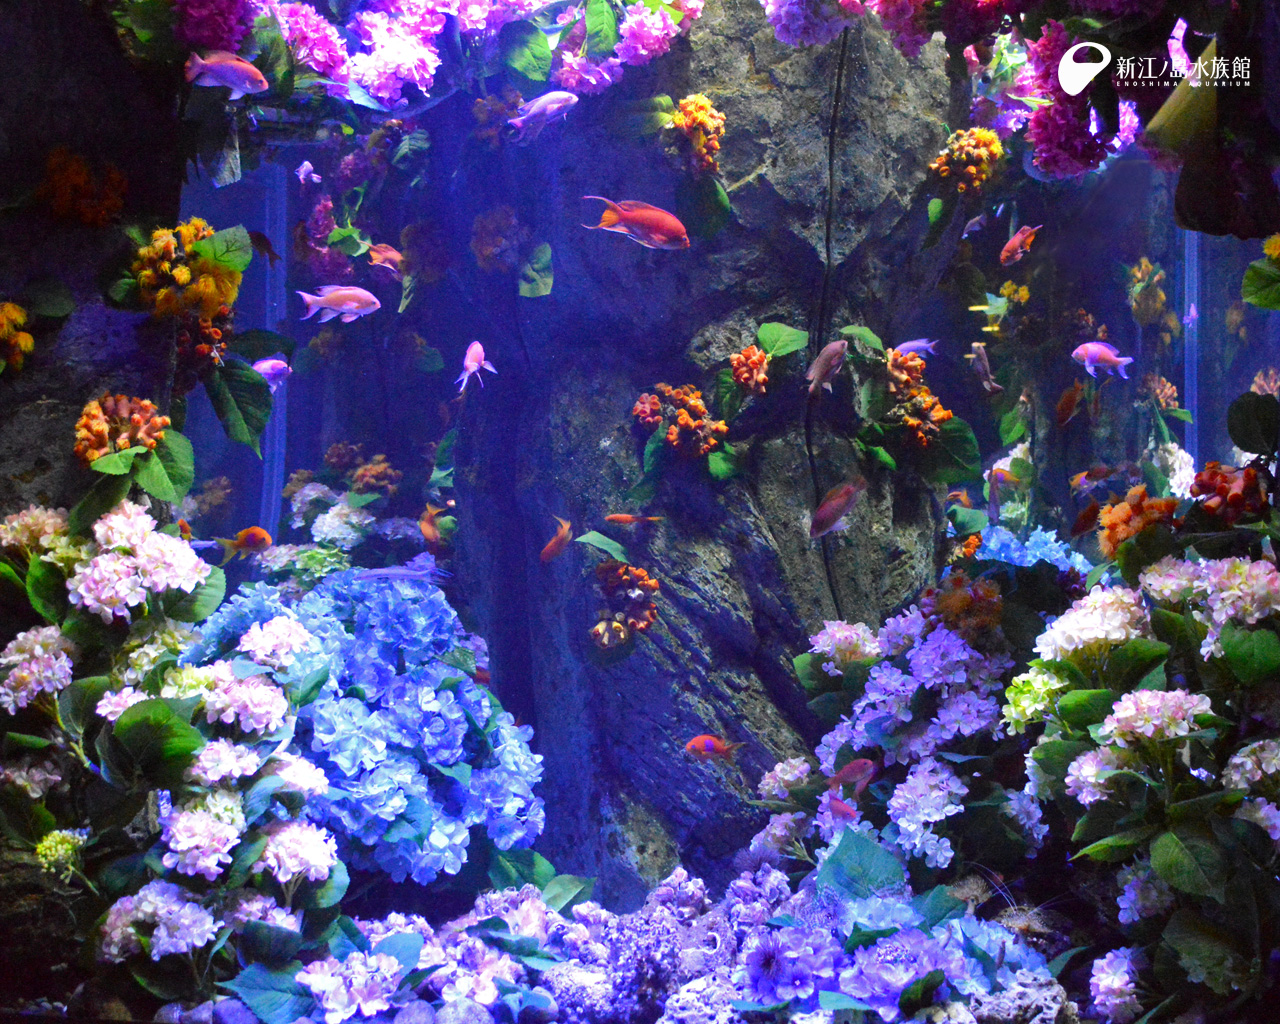 えのすい壁紙ギャラリー 新江ノ島水族館